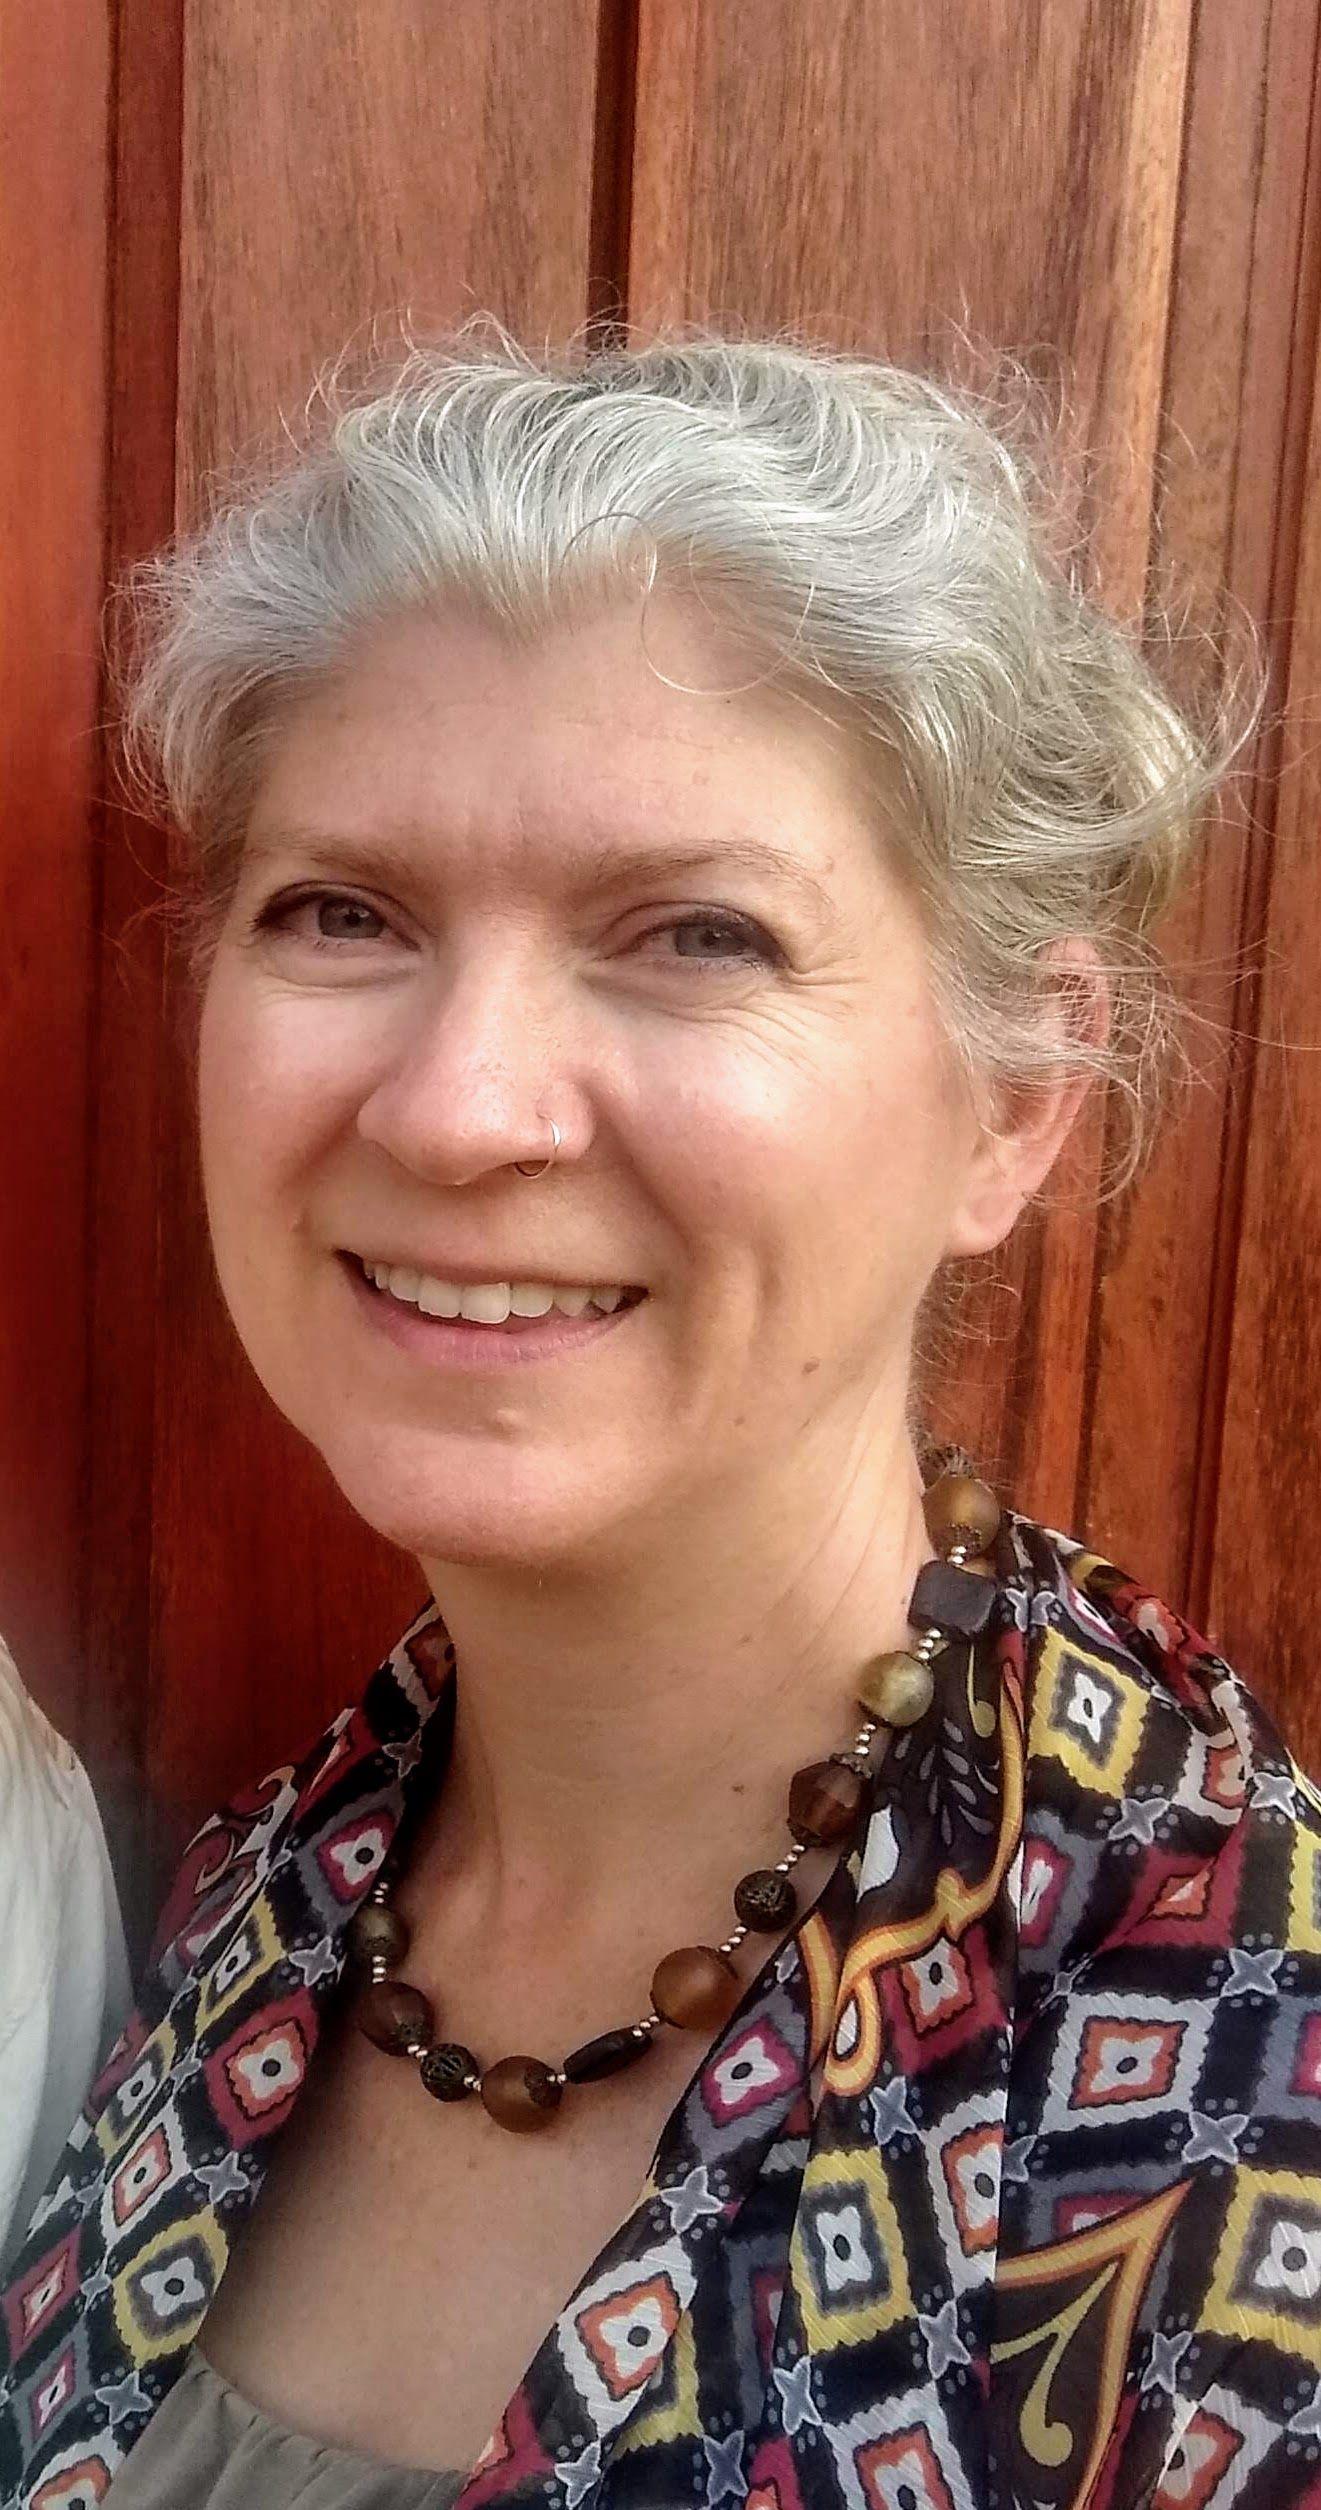 Kathryn Smith Derksen